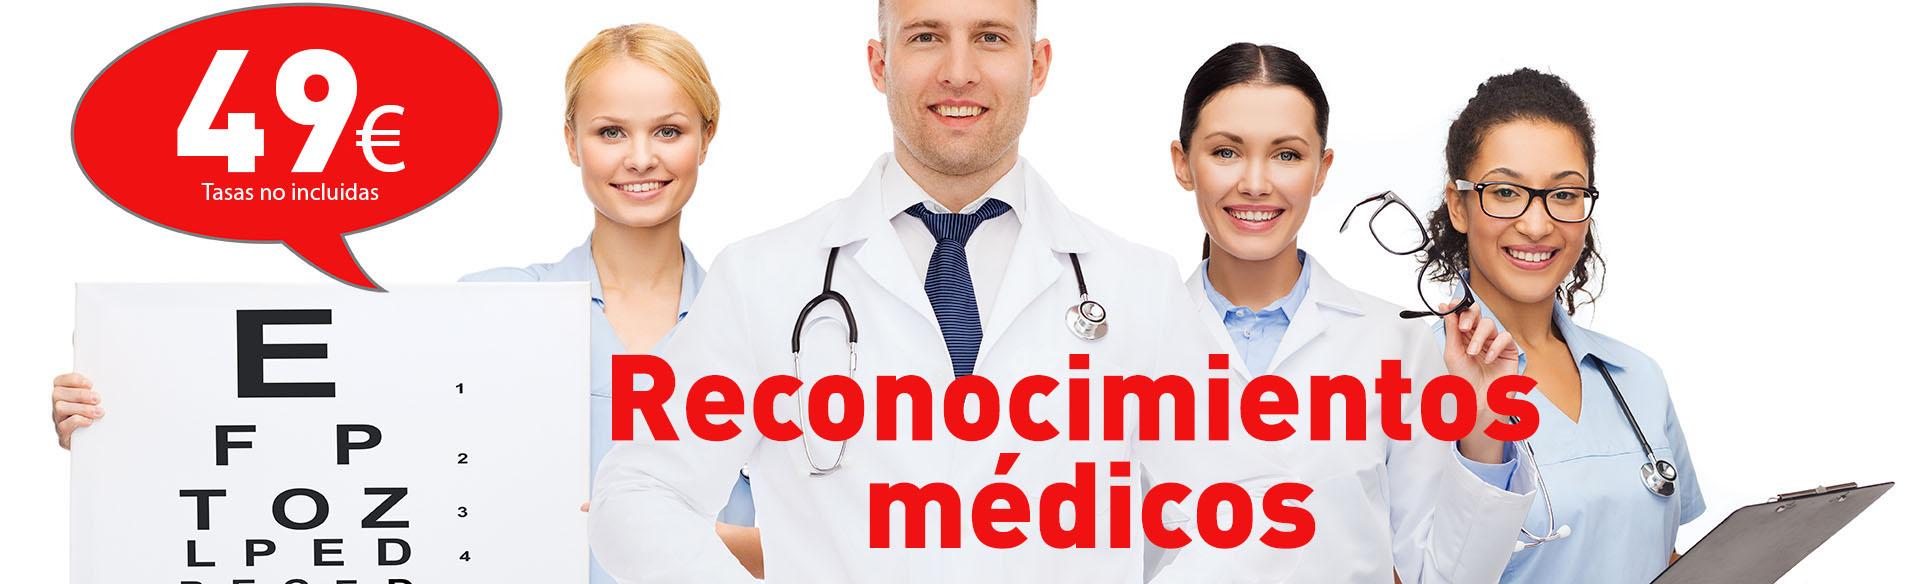 reconocimientos-medicos